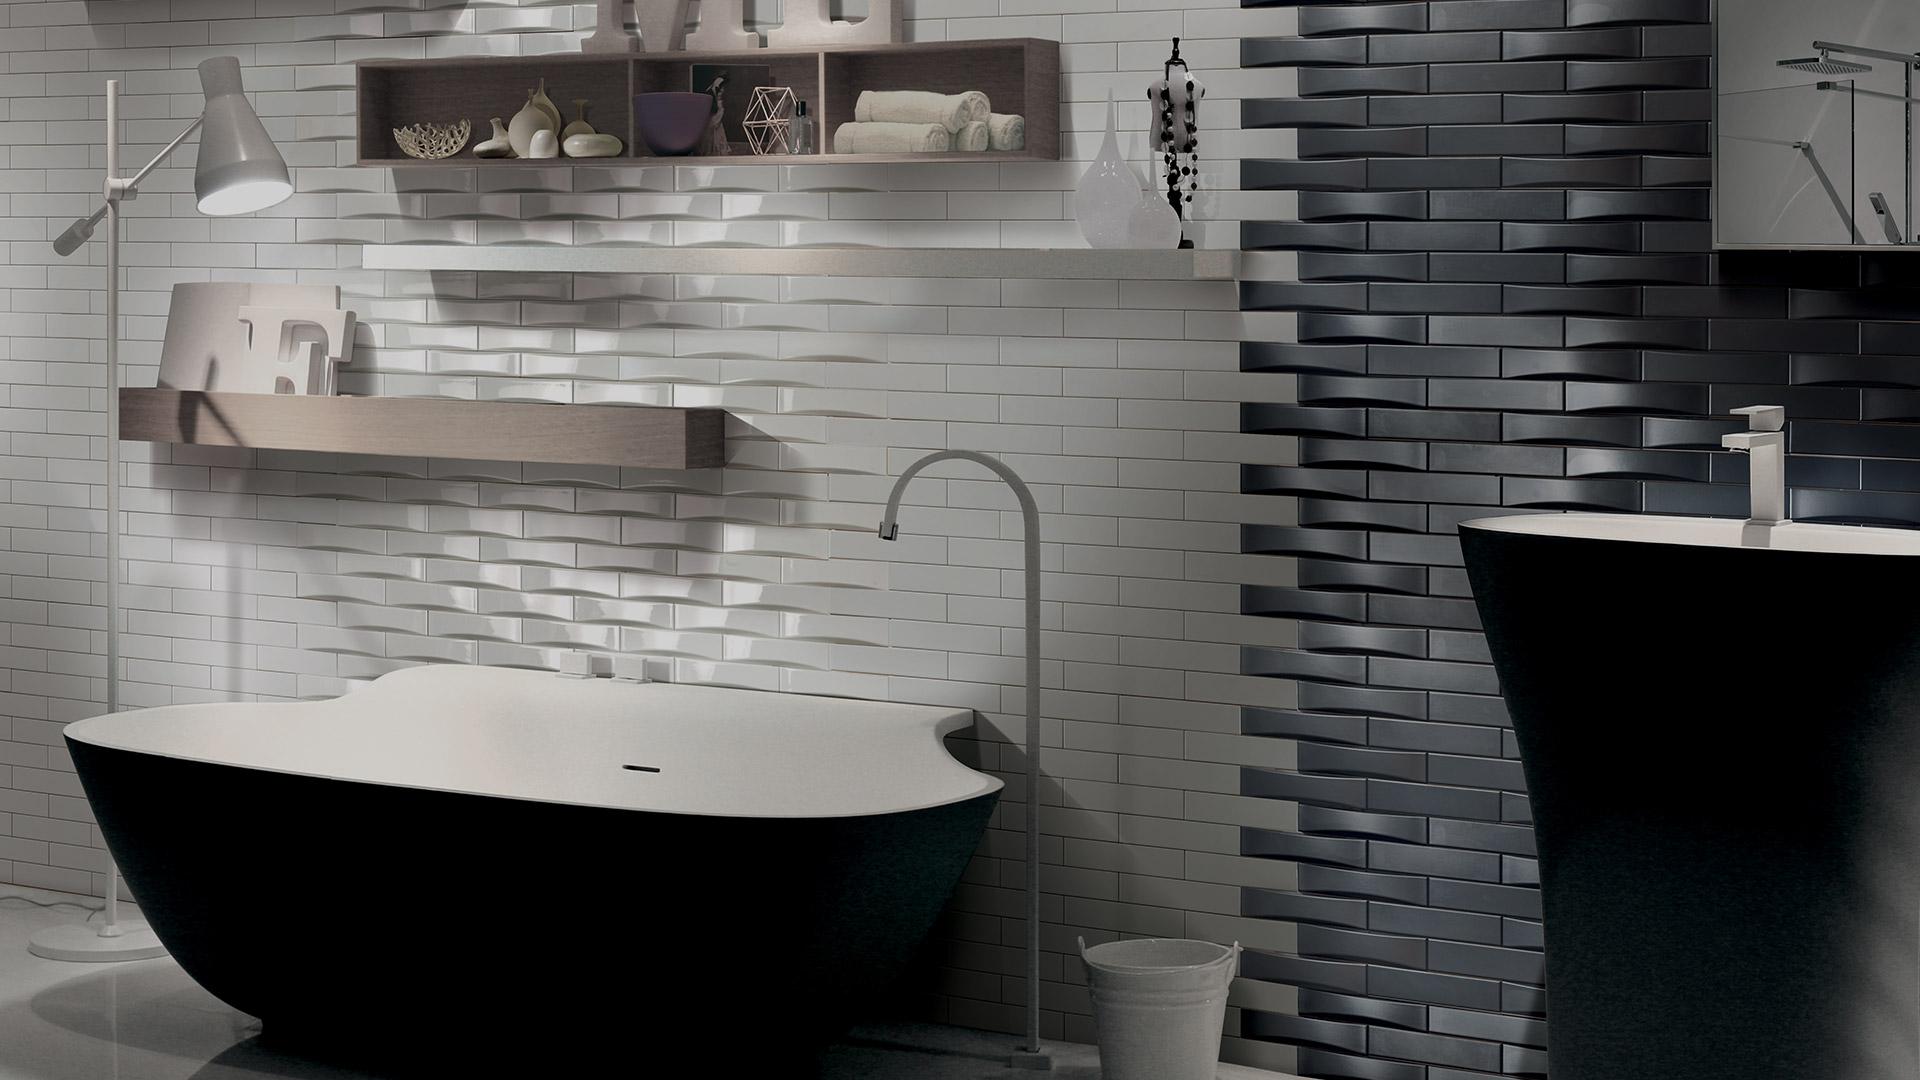 brentwood tile boutique high end tile